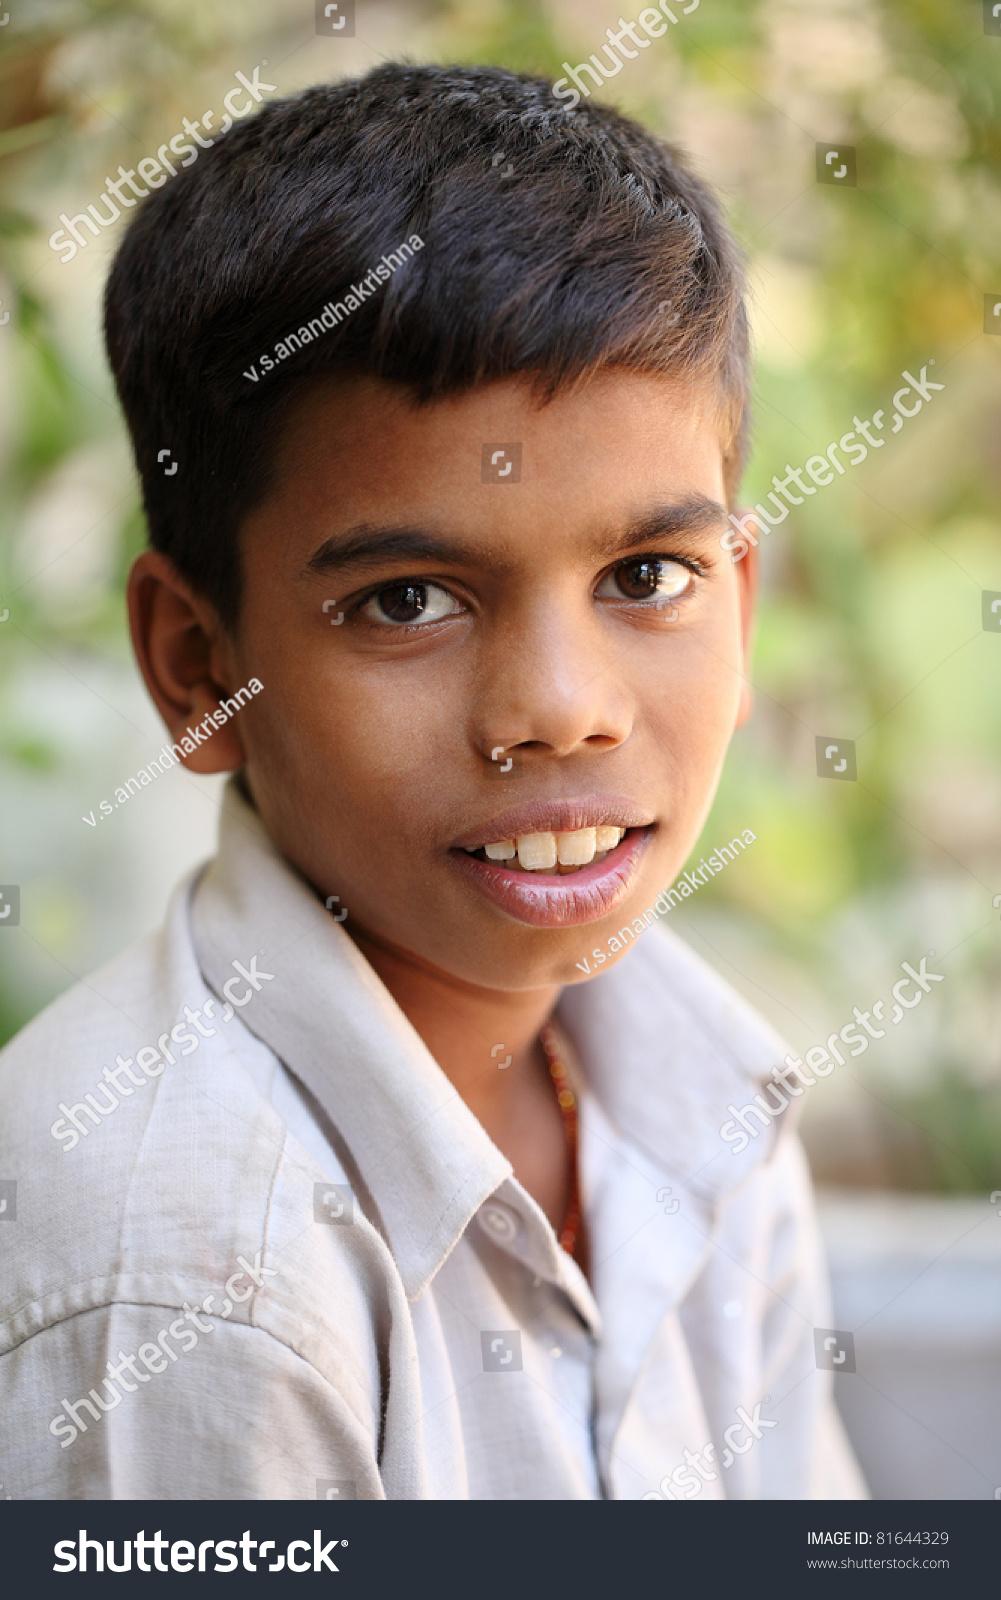 teenboy Portrait of Indian teen boy.